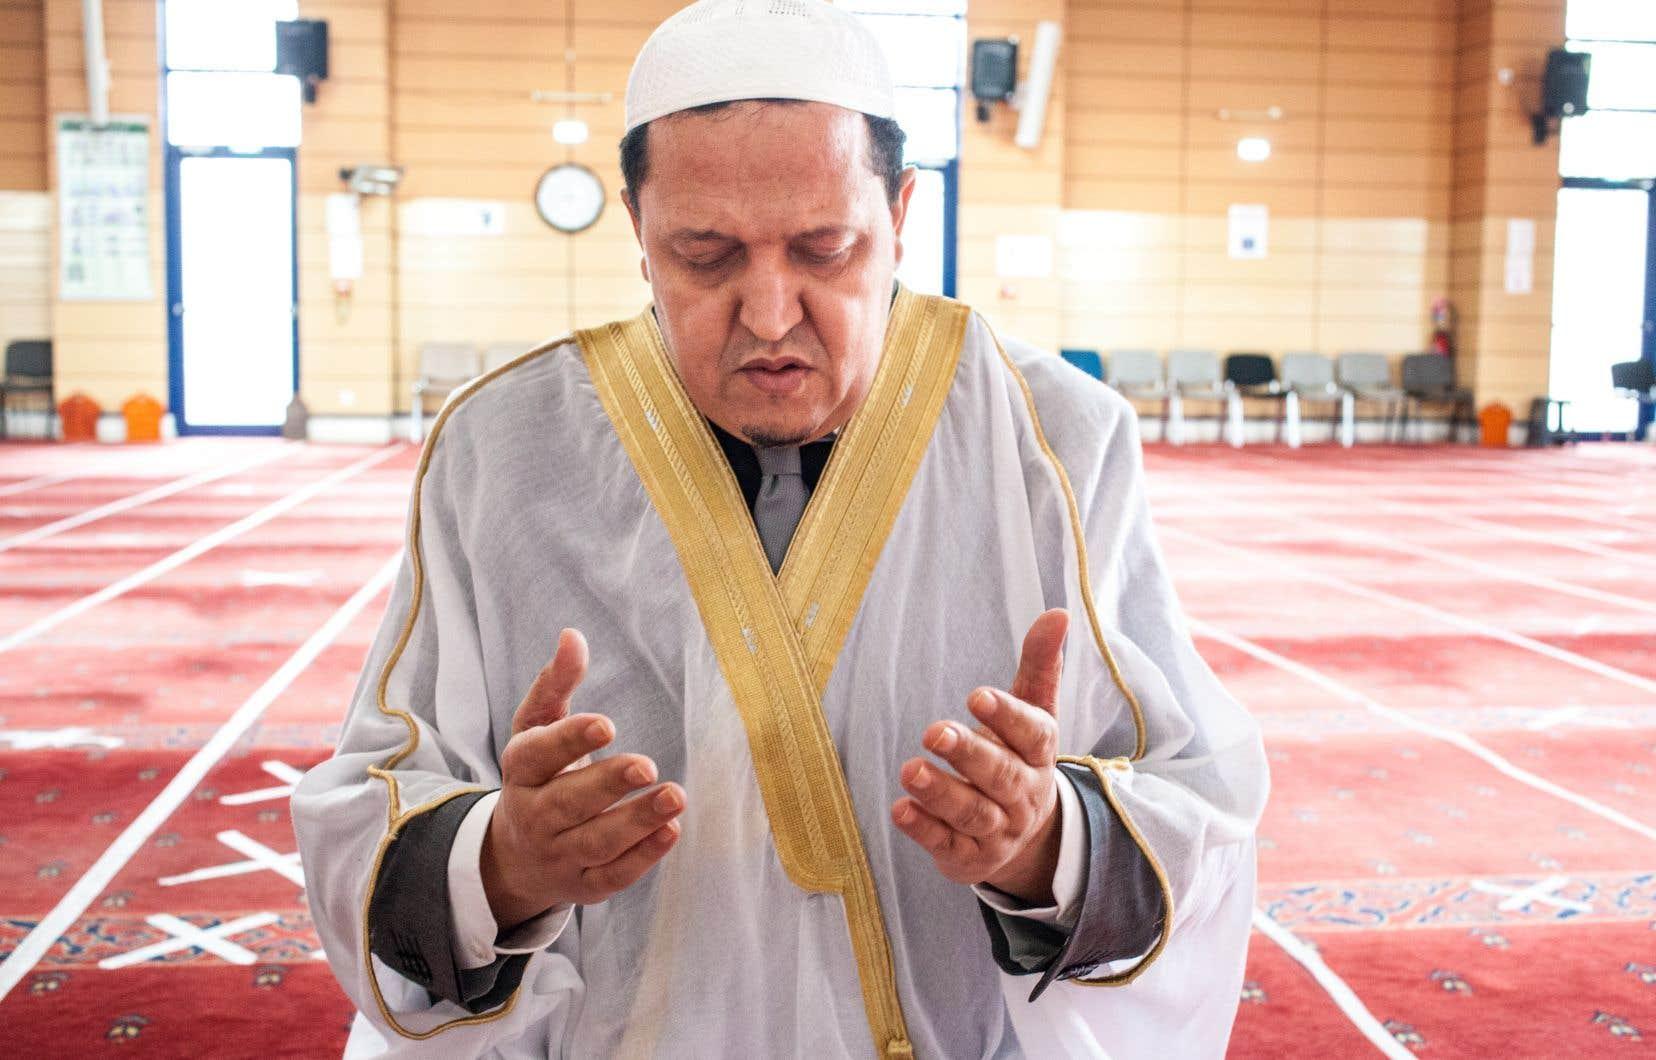 Hassen Chalghoumi est un des très rares imams à avoir qualifié les attentats de «Charlie Hebdo»de «barbares» et de «criminels», à avoir soutenu l'interdiction du port du voile intégral dans l'espace public et à considérer la laïcité française comme un bienfait pour ses coreligionnaires. «La laïcité, c'est simplement le respect de tout le monde», avance-t-il.